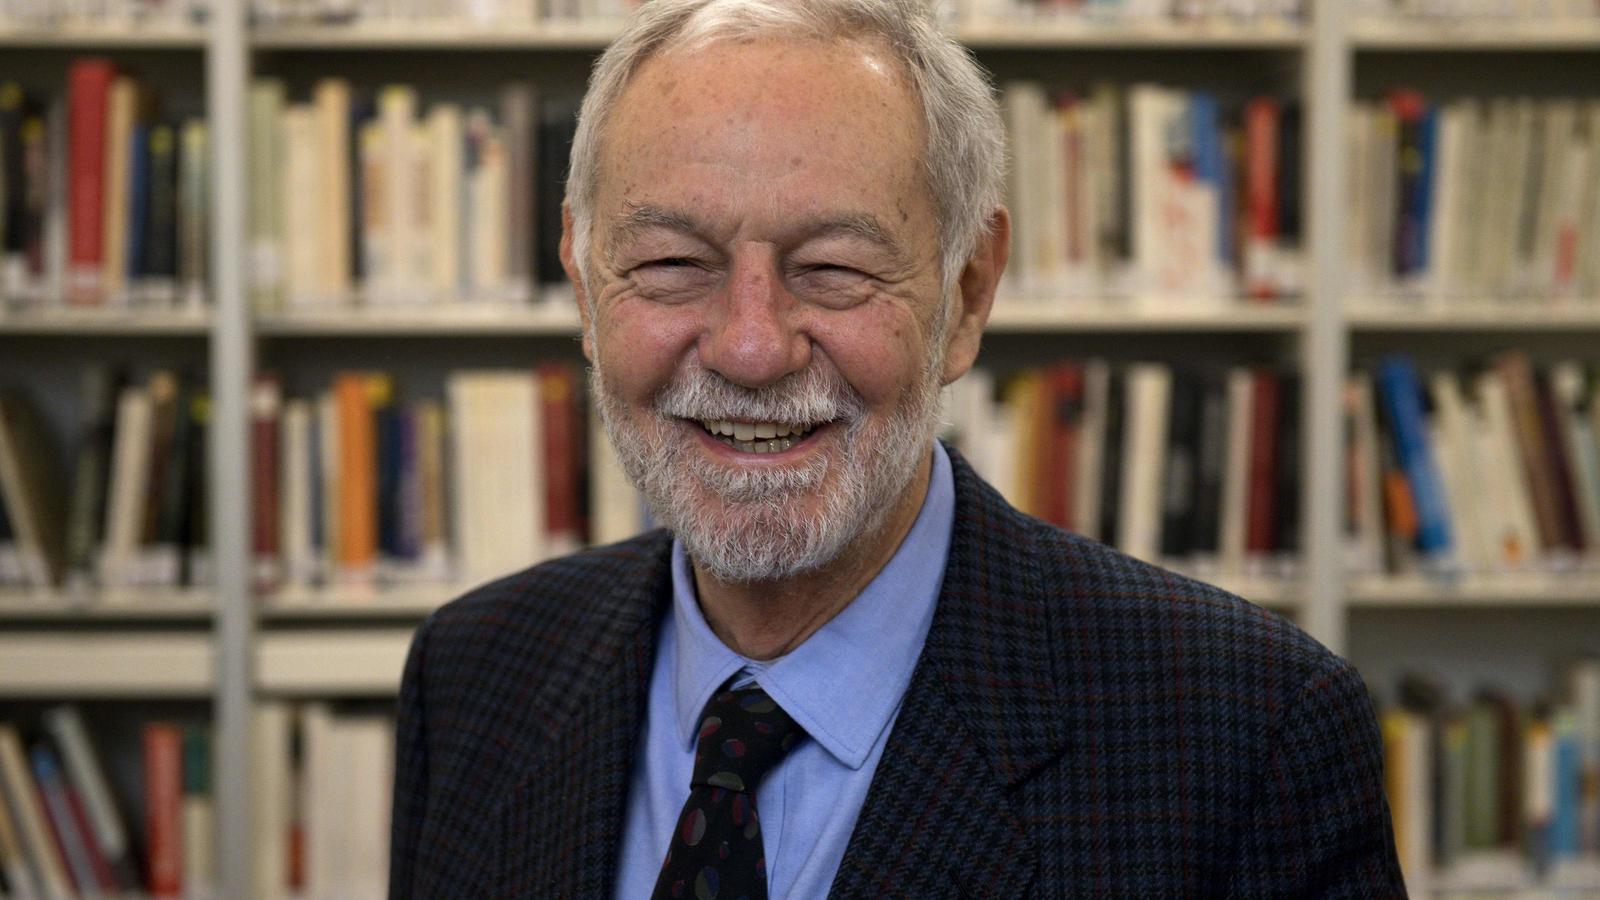 Eduardo Mendoza després de guanyar el premi, a l'Instituto Cervantes de Londres